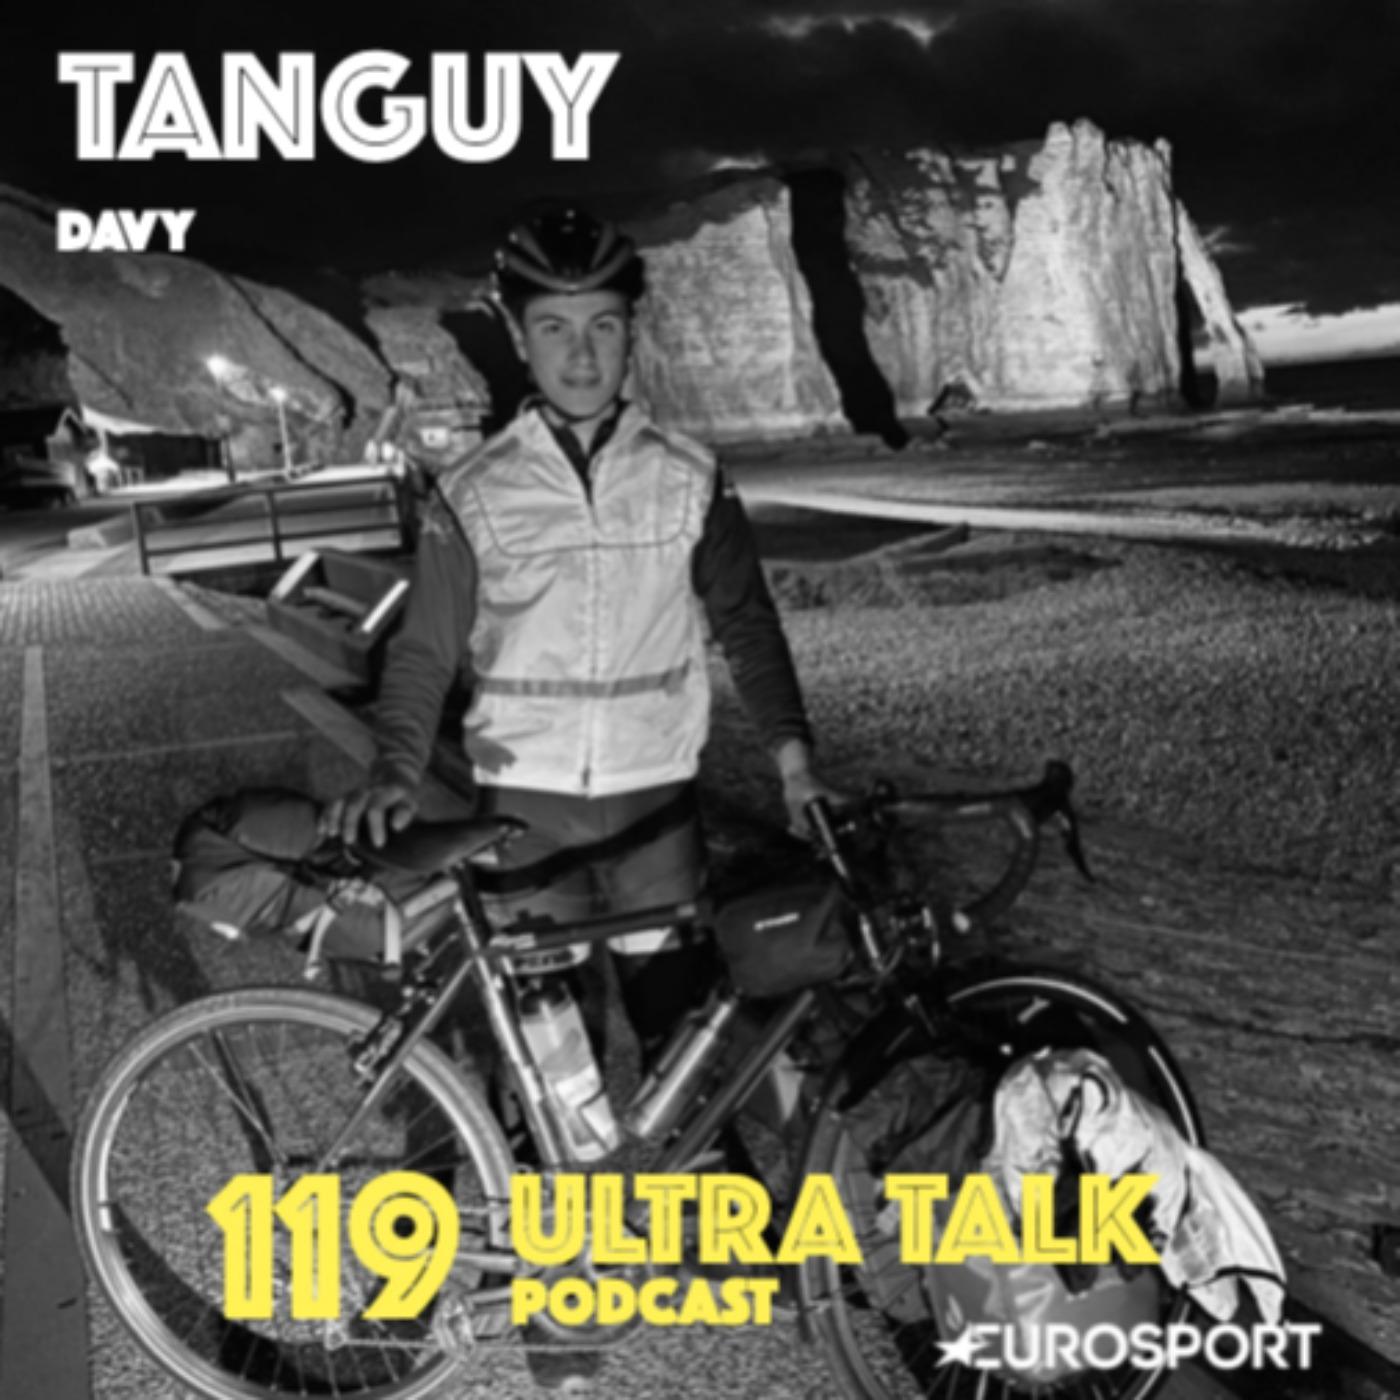 """Tanguy Davy : """"A 19 ans , j'ai décidé de partir seul avec mon vélo"""""""